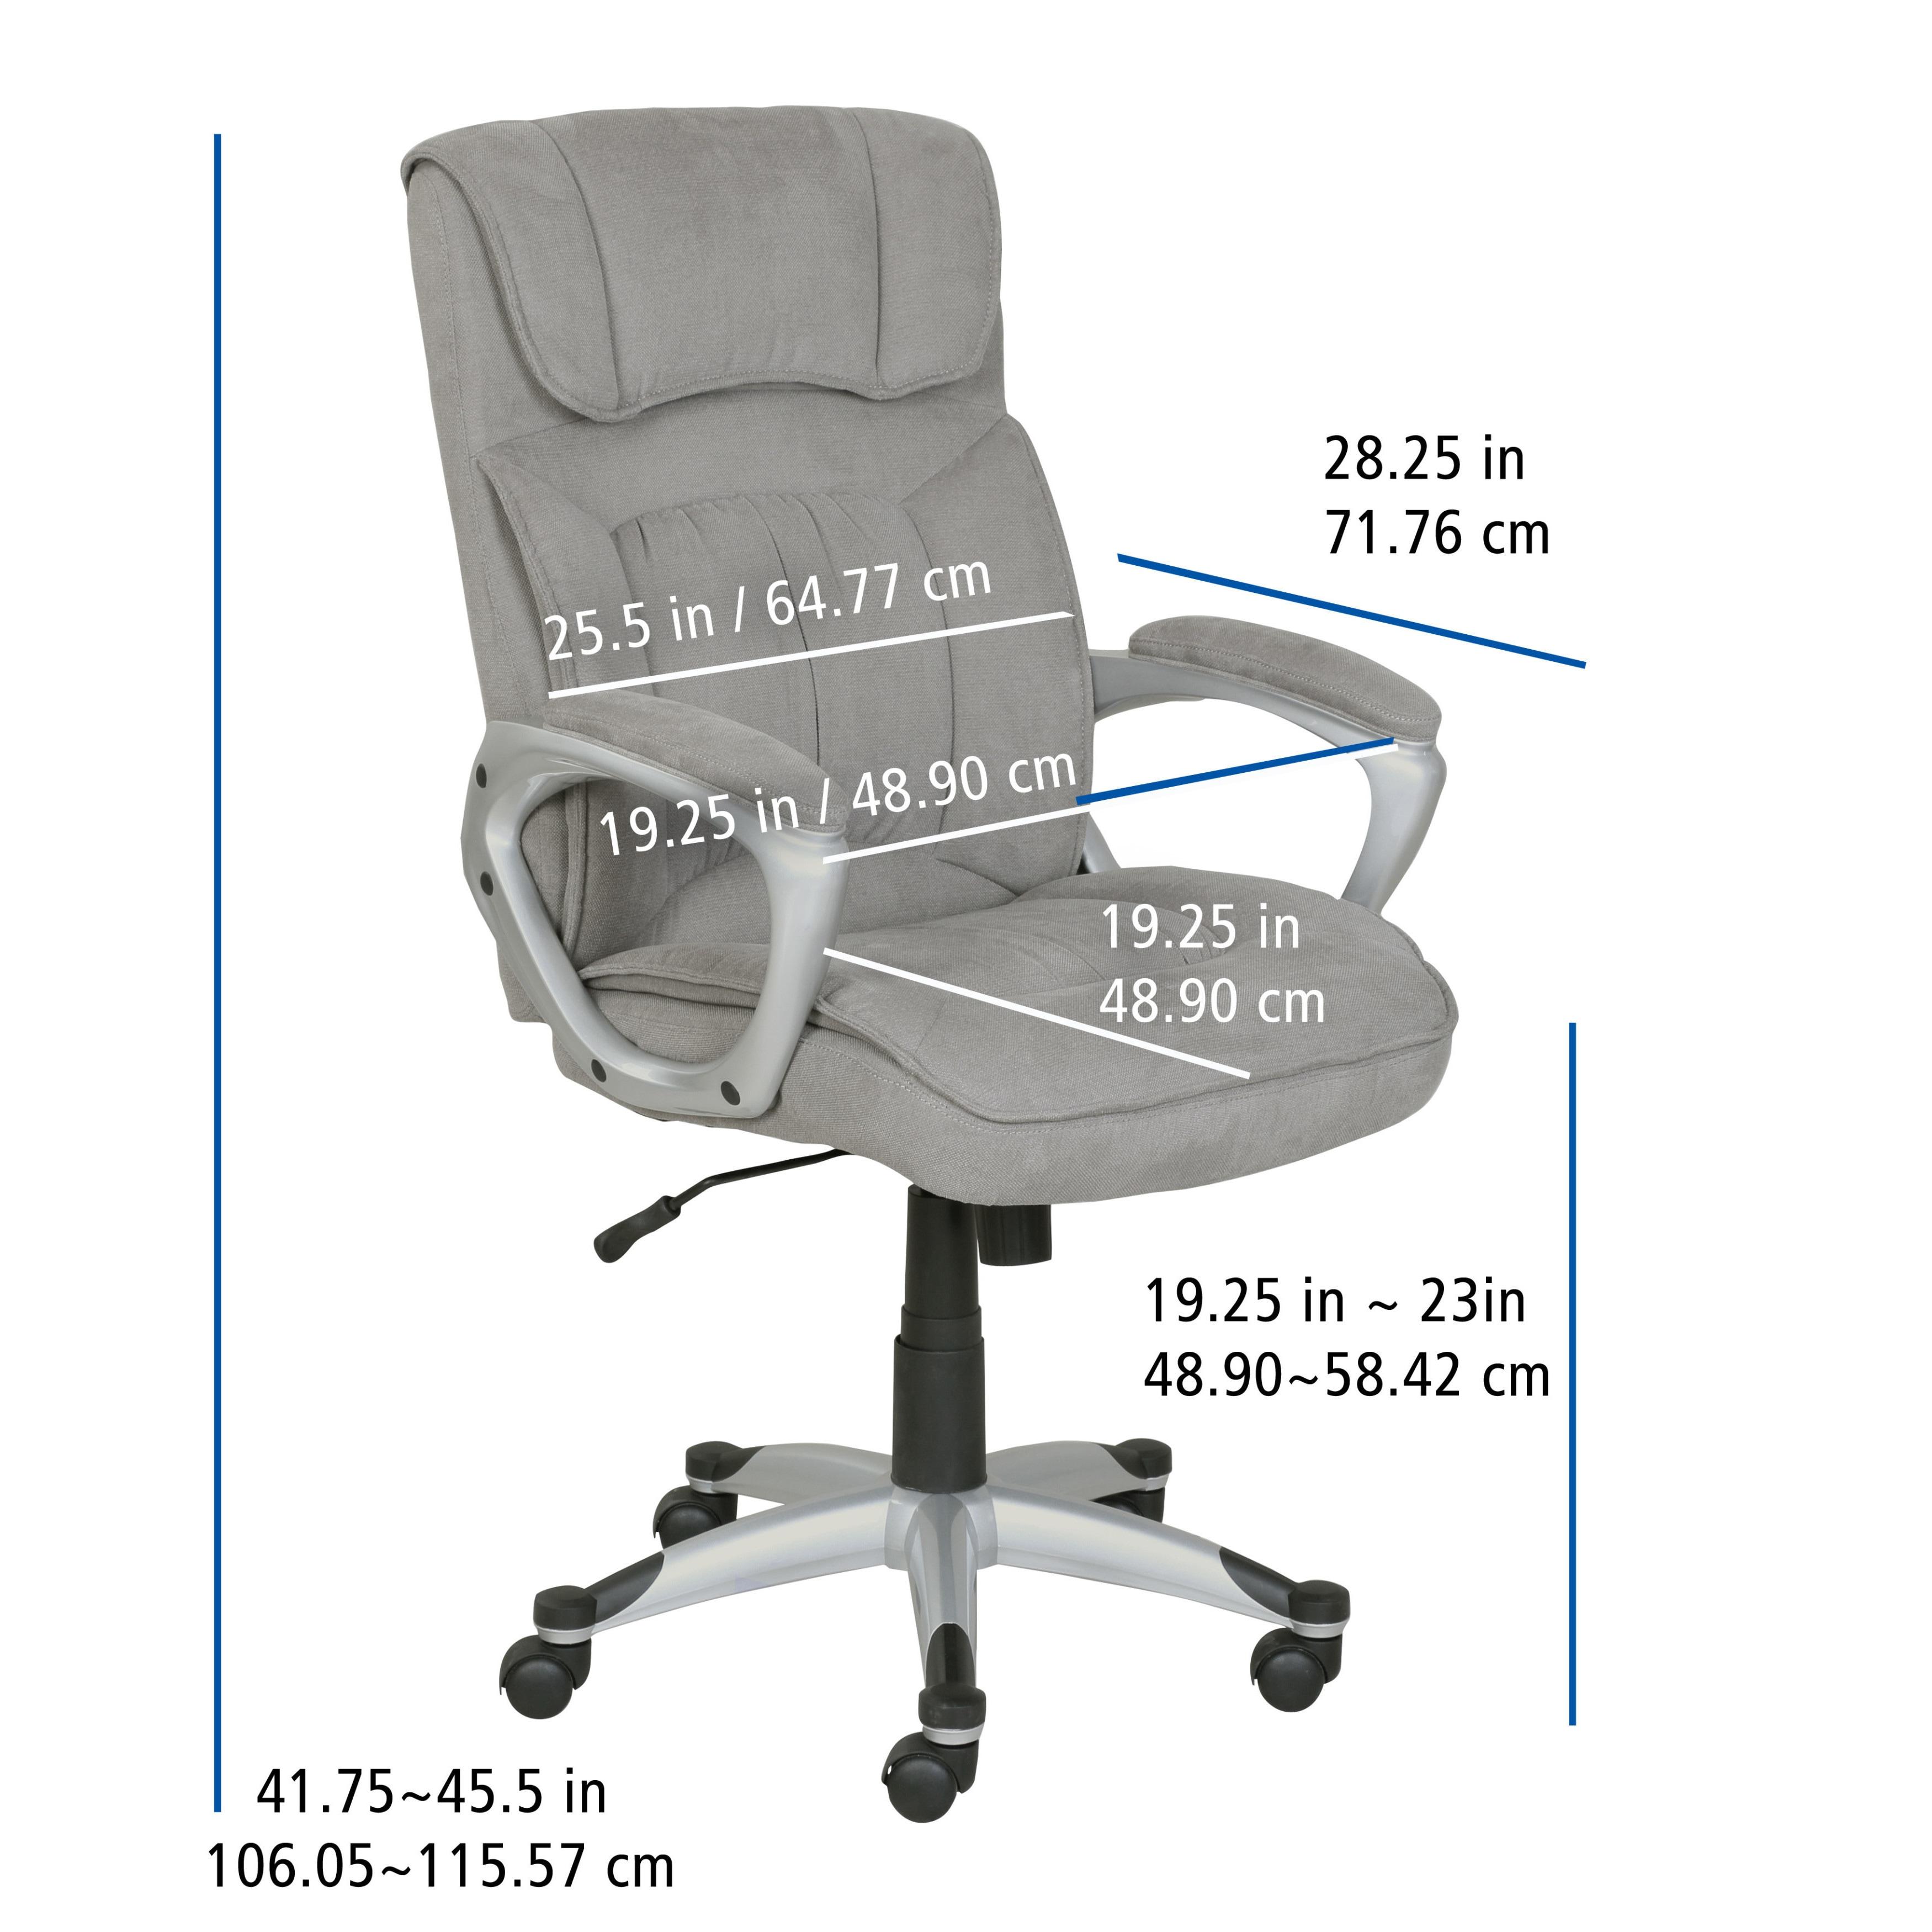 Serta Executive fice Chair in Glacial Grey Linen Metallic